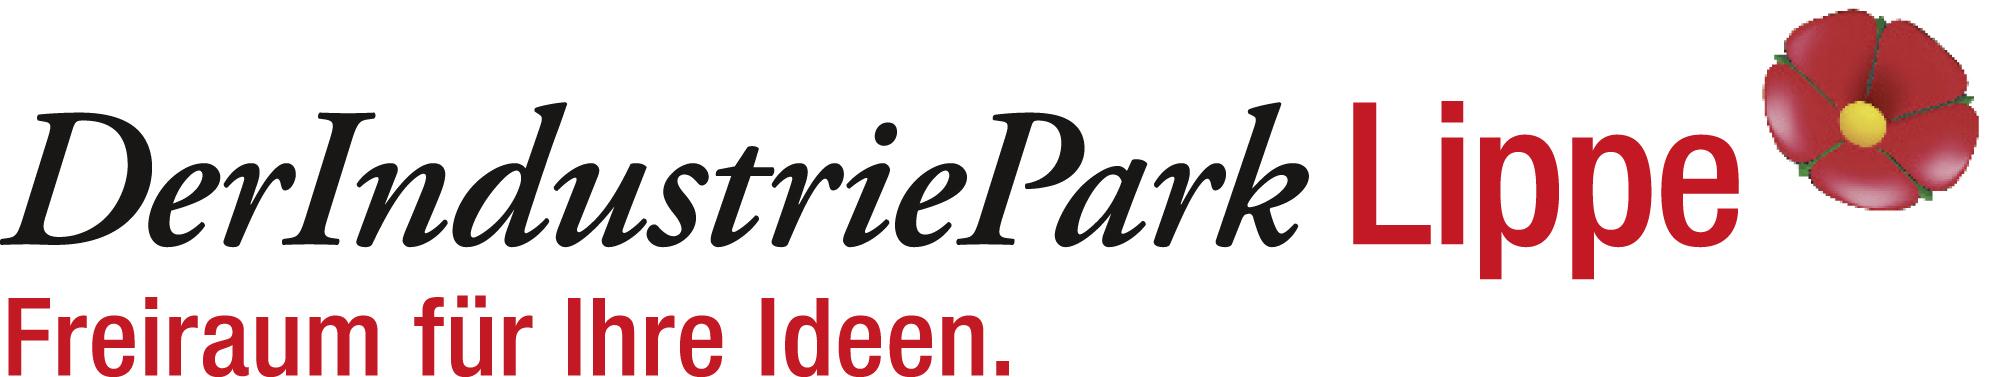 logo_DerIndustrieParkLippe_02